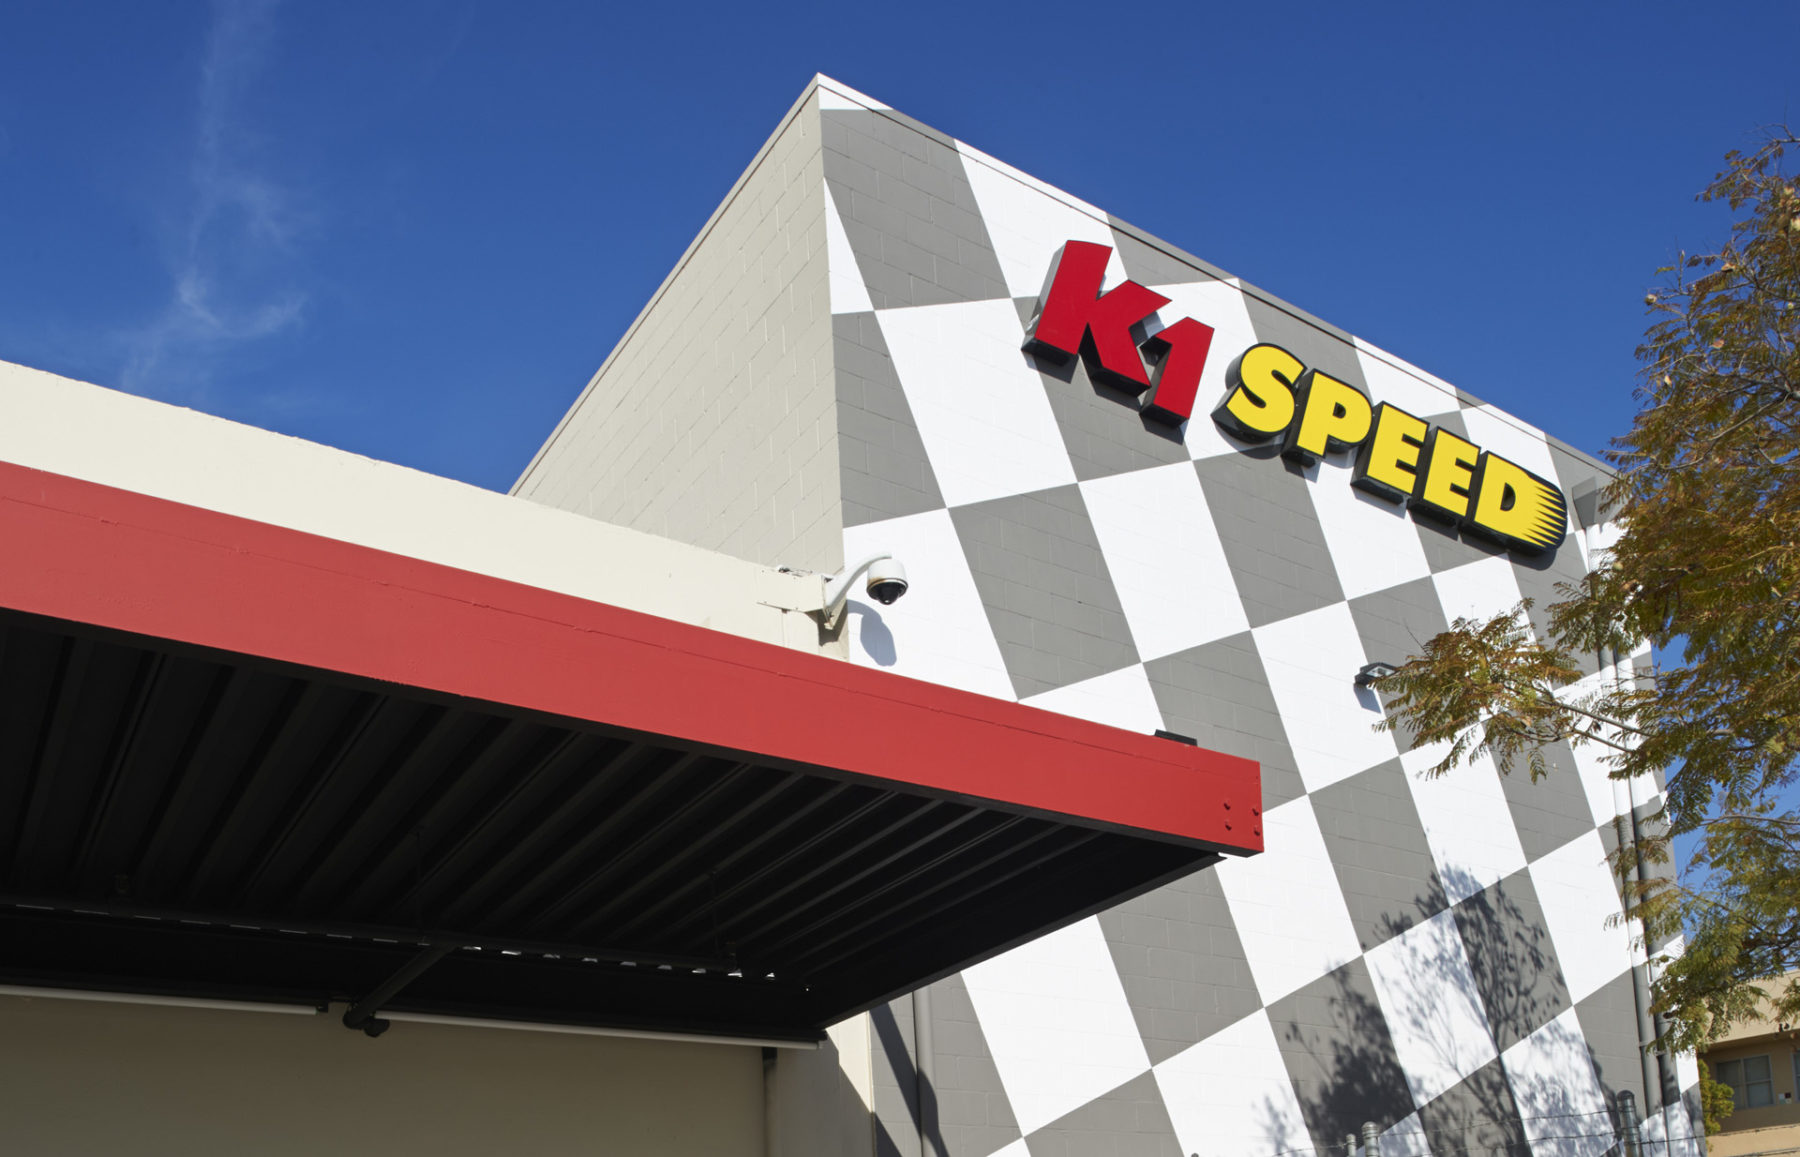 Dempsey K1 Speed